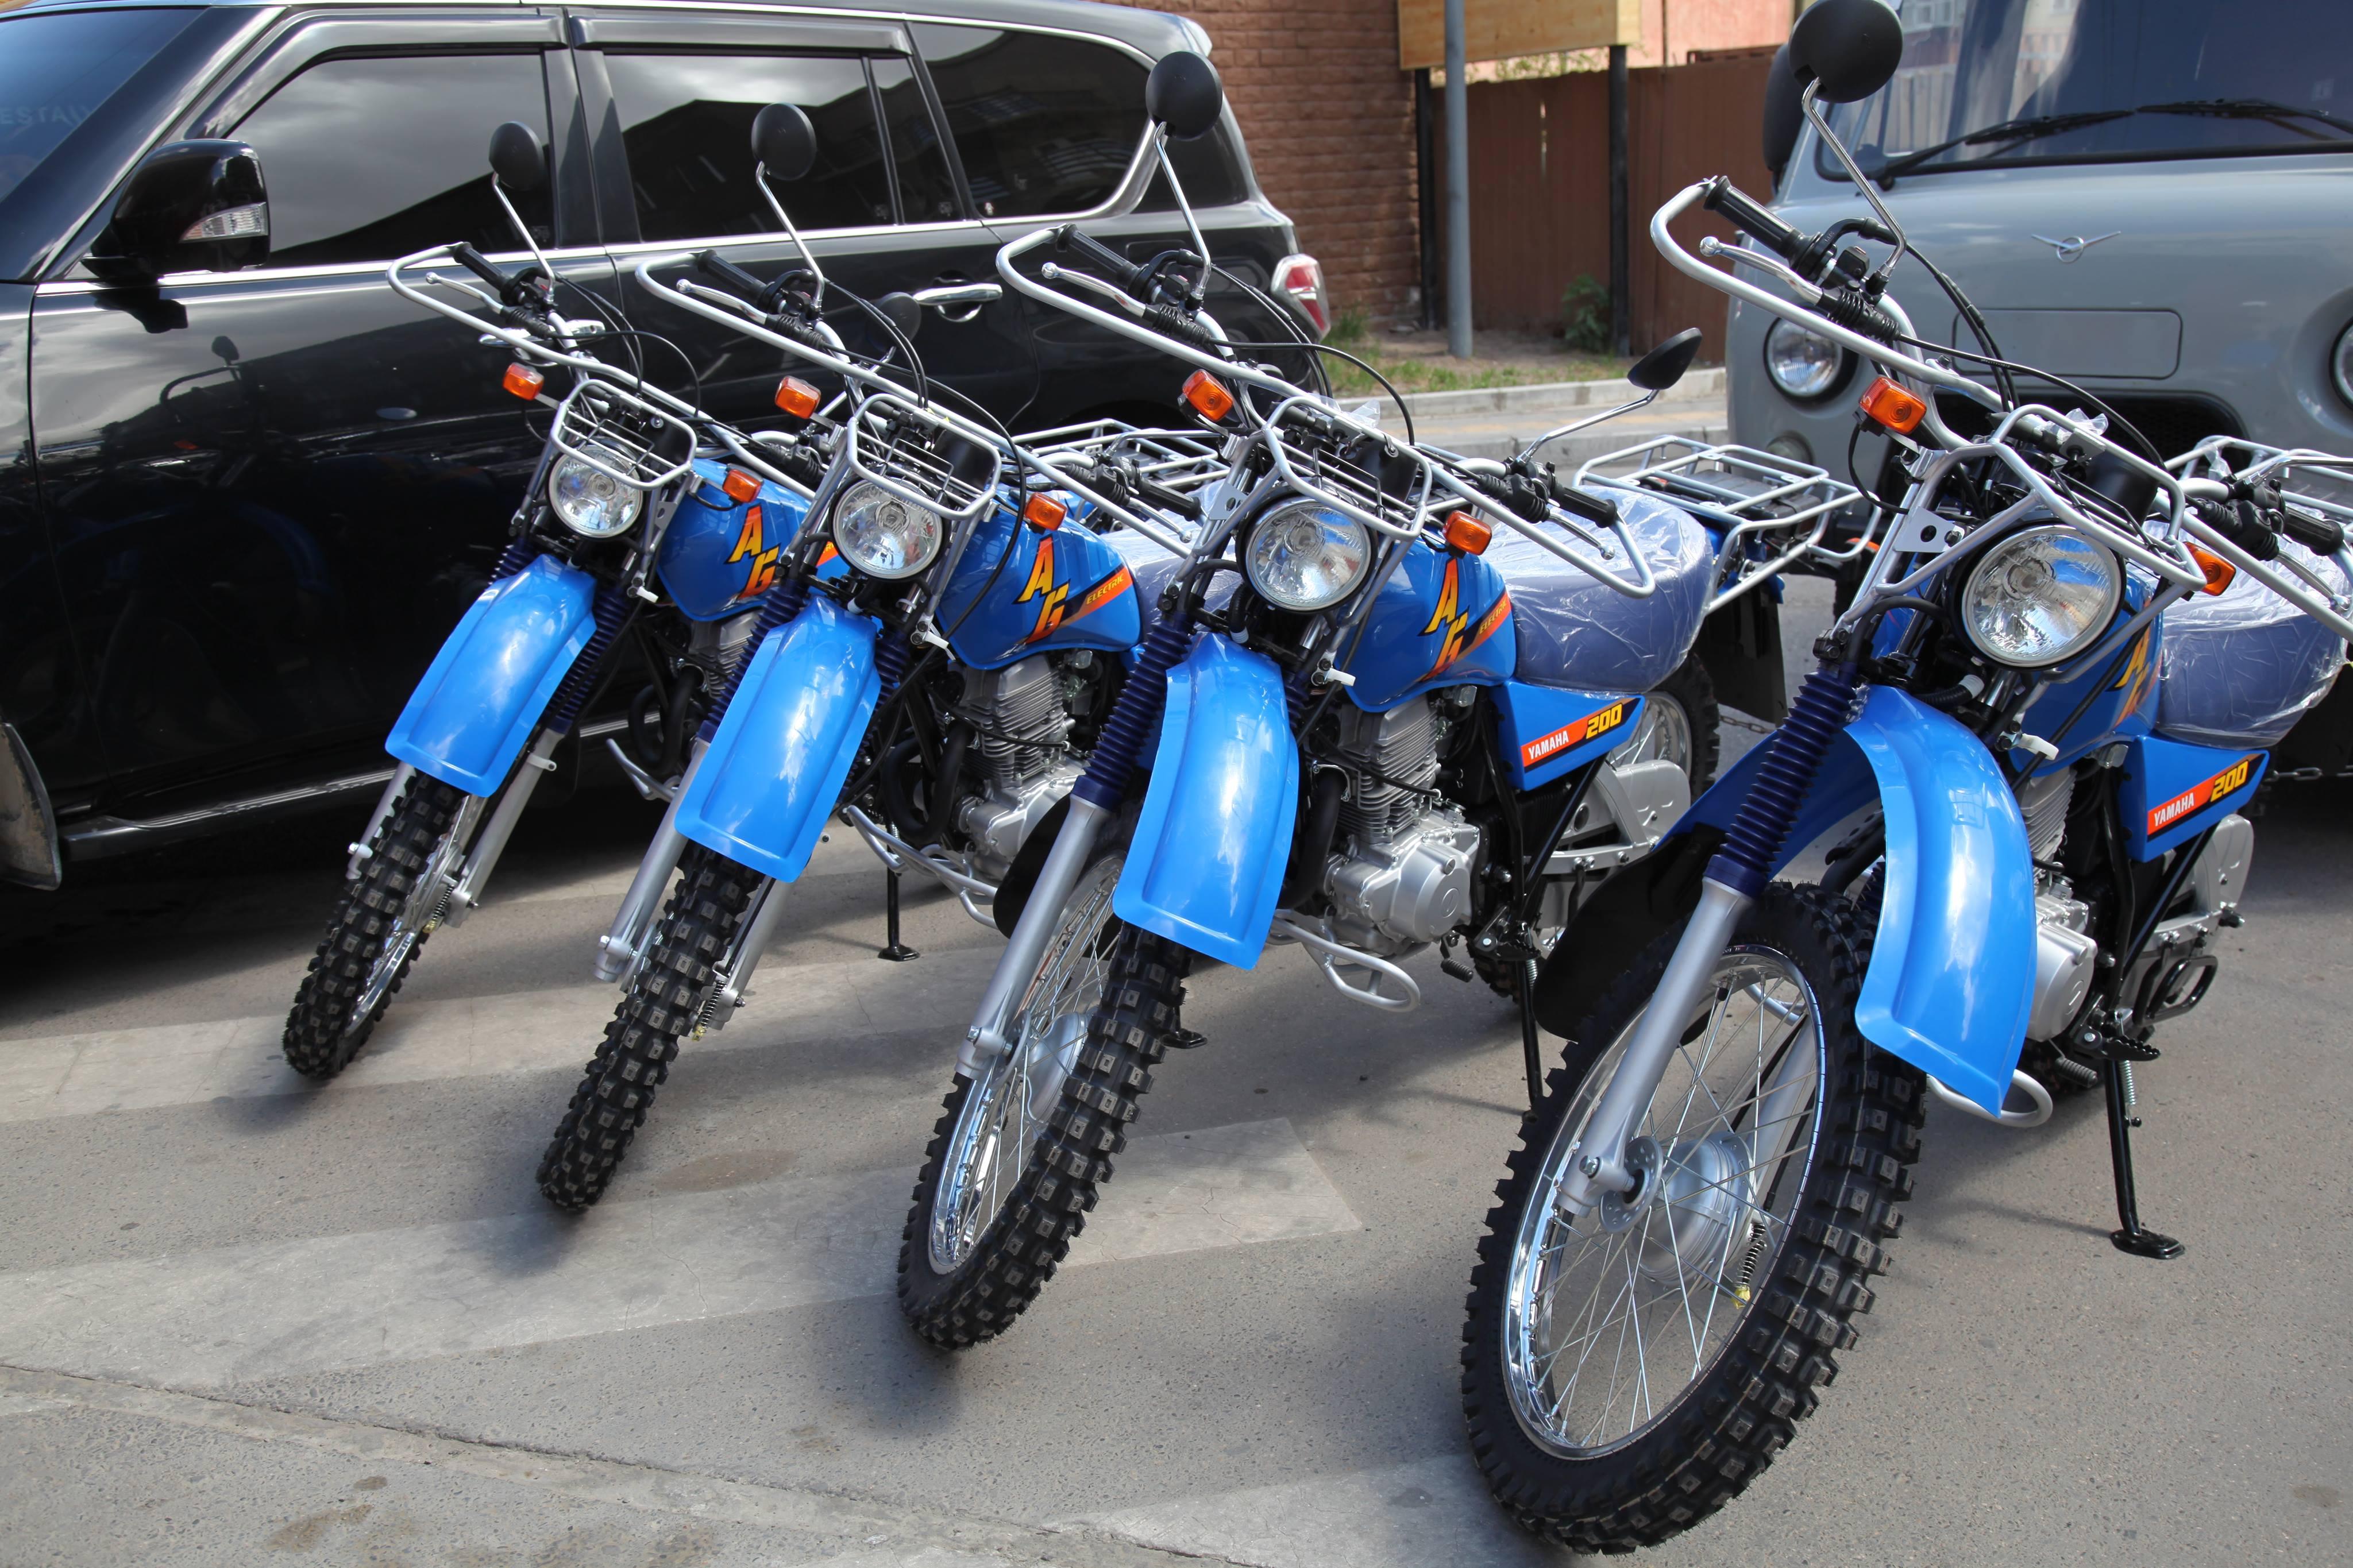 Хөгнө Тарны БЦГ-ын хамгаалалтын захиргаанд мотоцикл, судалгааны багаж хэрэгсэл гардууллаа